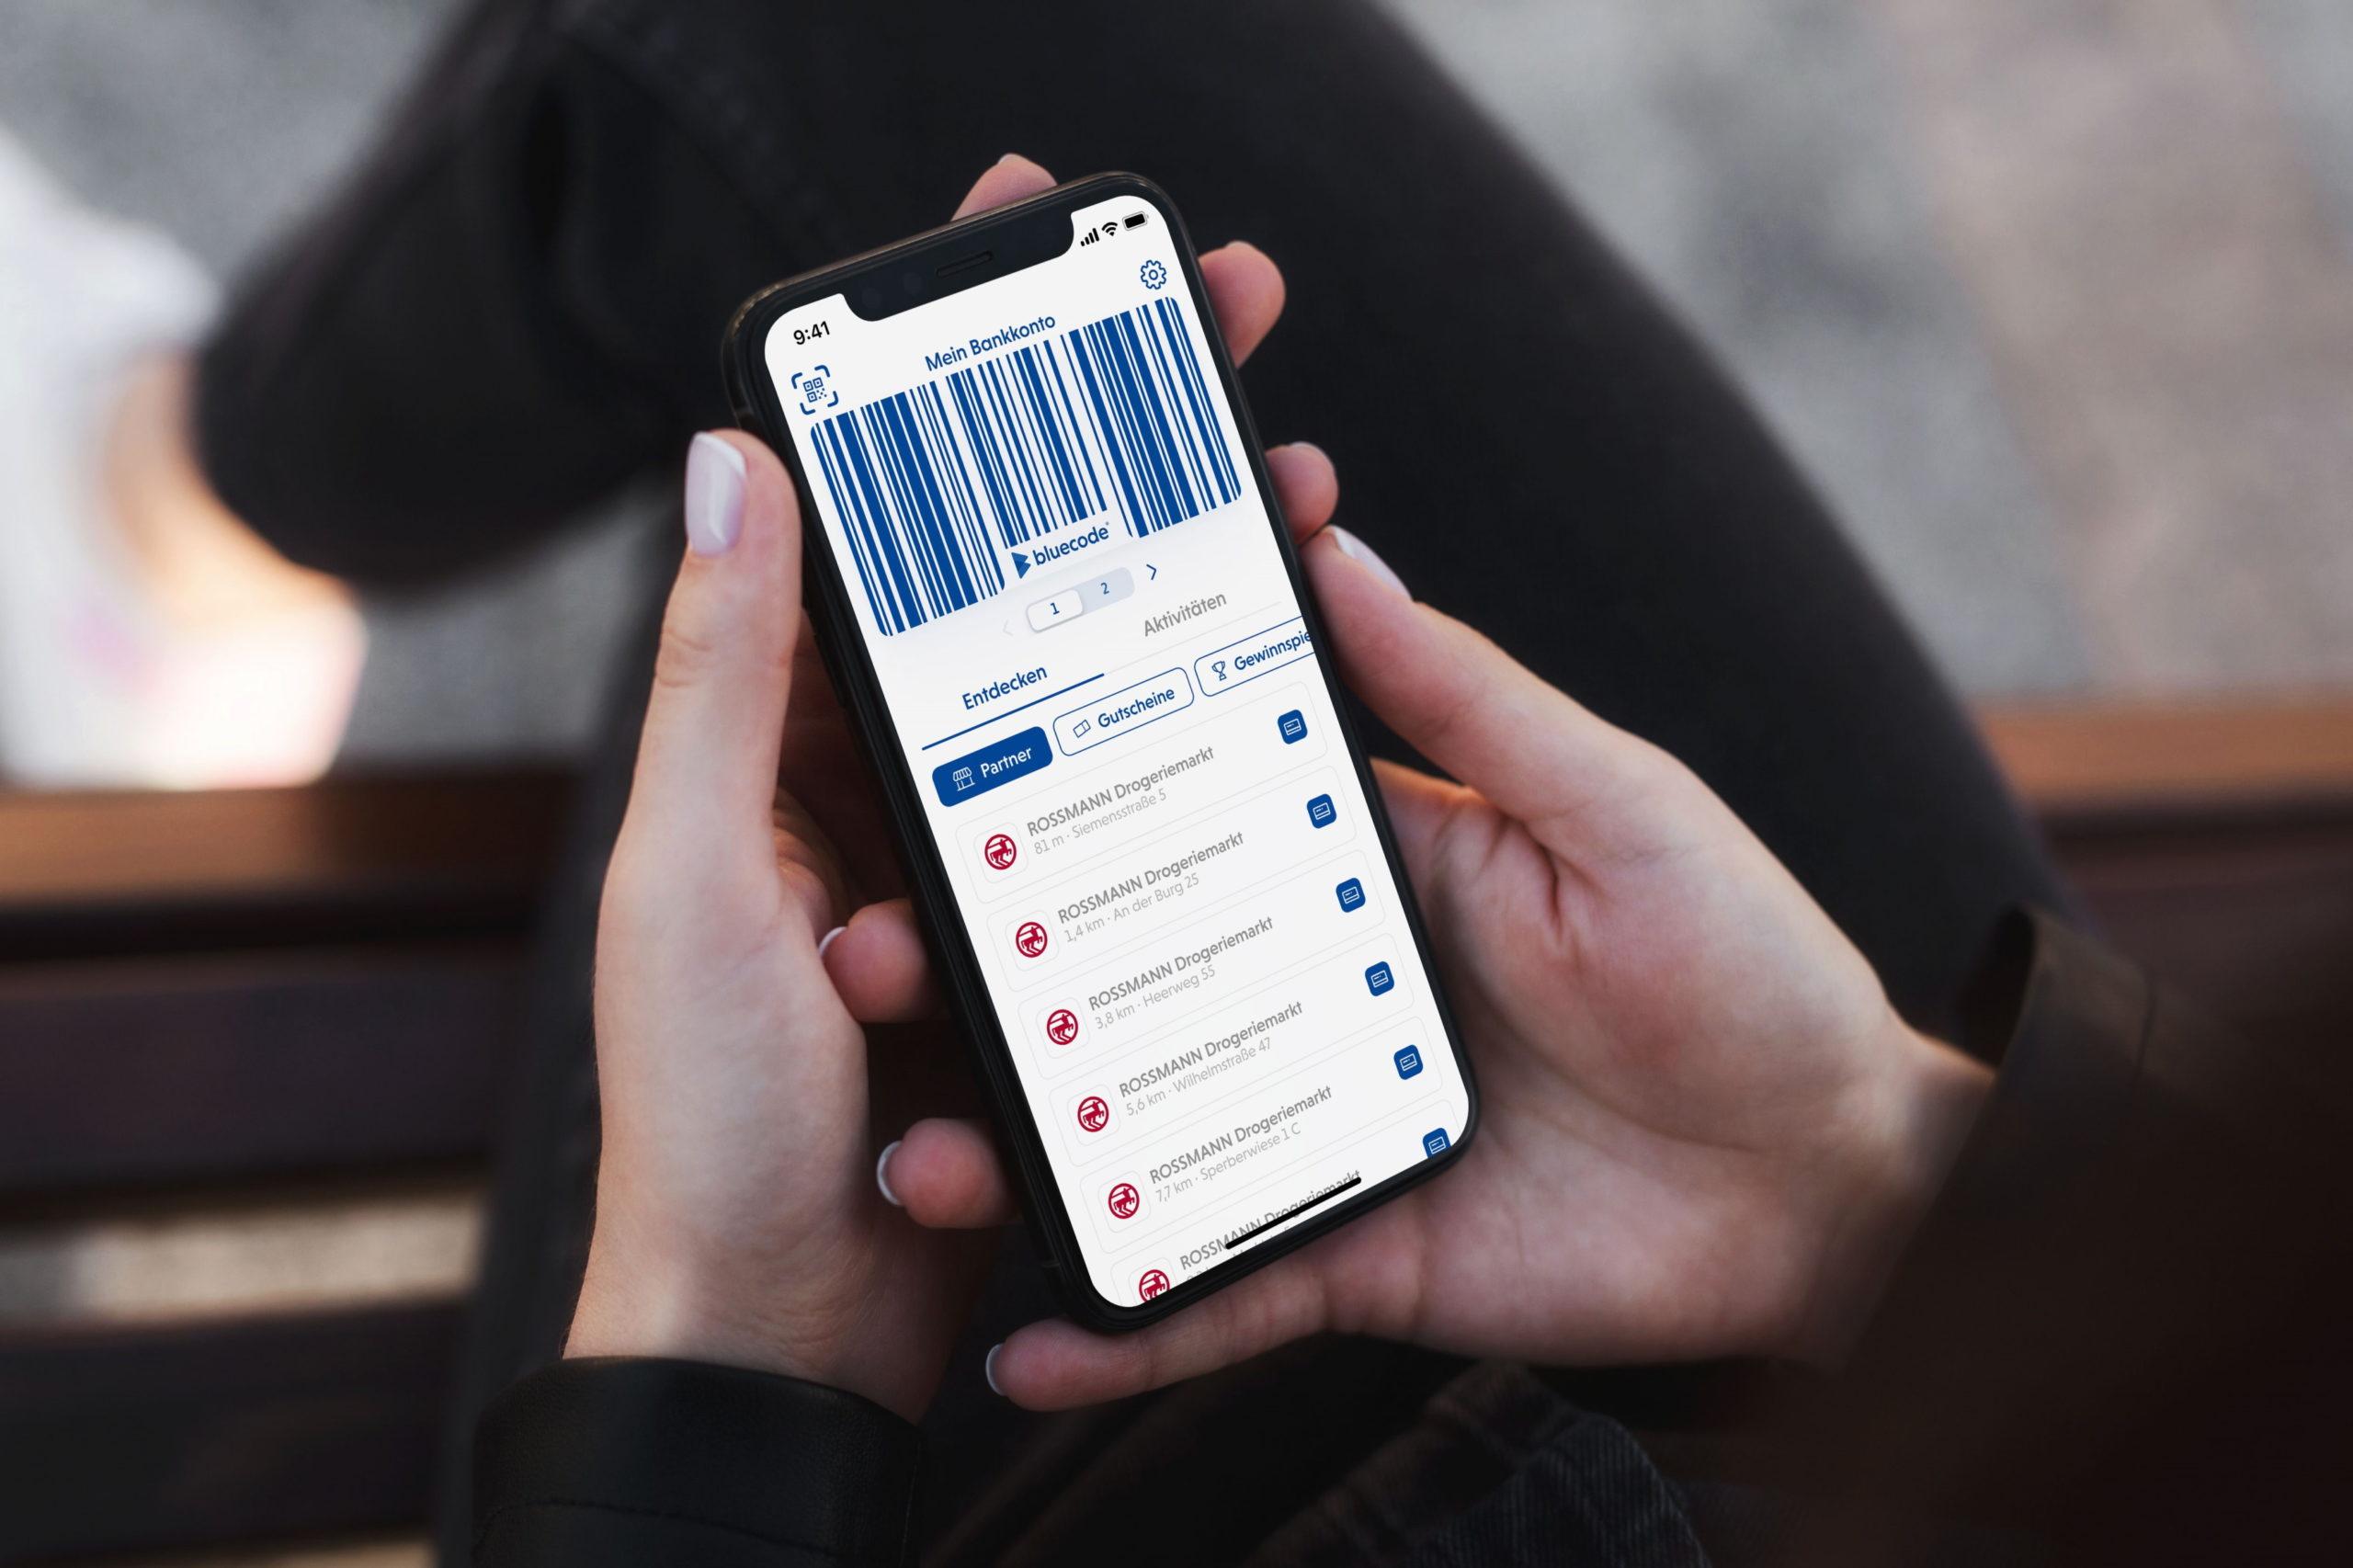 Bluecode-App erzeugt Barcode für Zahlung bei Rossmann